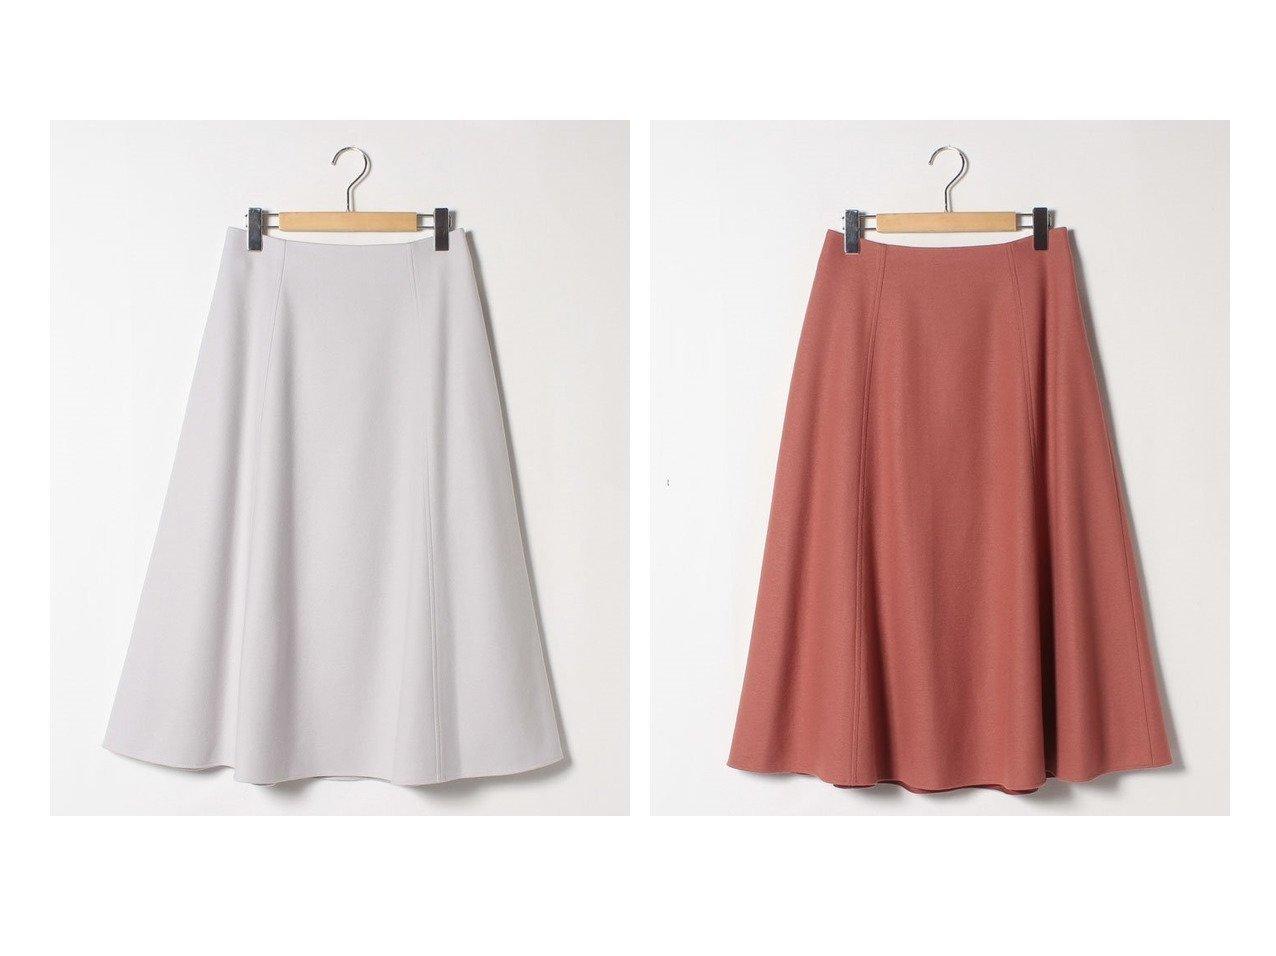 【Theory Luxe/セオリーリュクス】のスカート STAGE LON スカートのおすすめ!人気、レディースファッションの通販  おすすめで人気のファッション通販商品 インテリア・家具・キッズファッション・メンズファッション・レディースファッション・服の通販 founy(ファニー) https://founy.com/ ファッション Fashion レディース WOMEN スカート Skirt Aライン/フレアスカート Flared A-Line Skirts ギャザー フレア ミモレ 今季 |ID:crp329100000004058